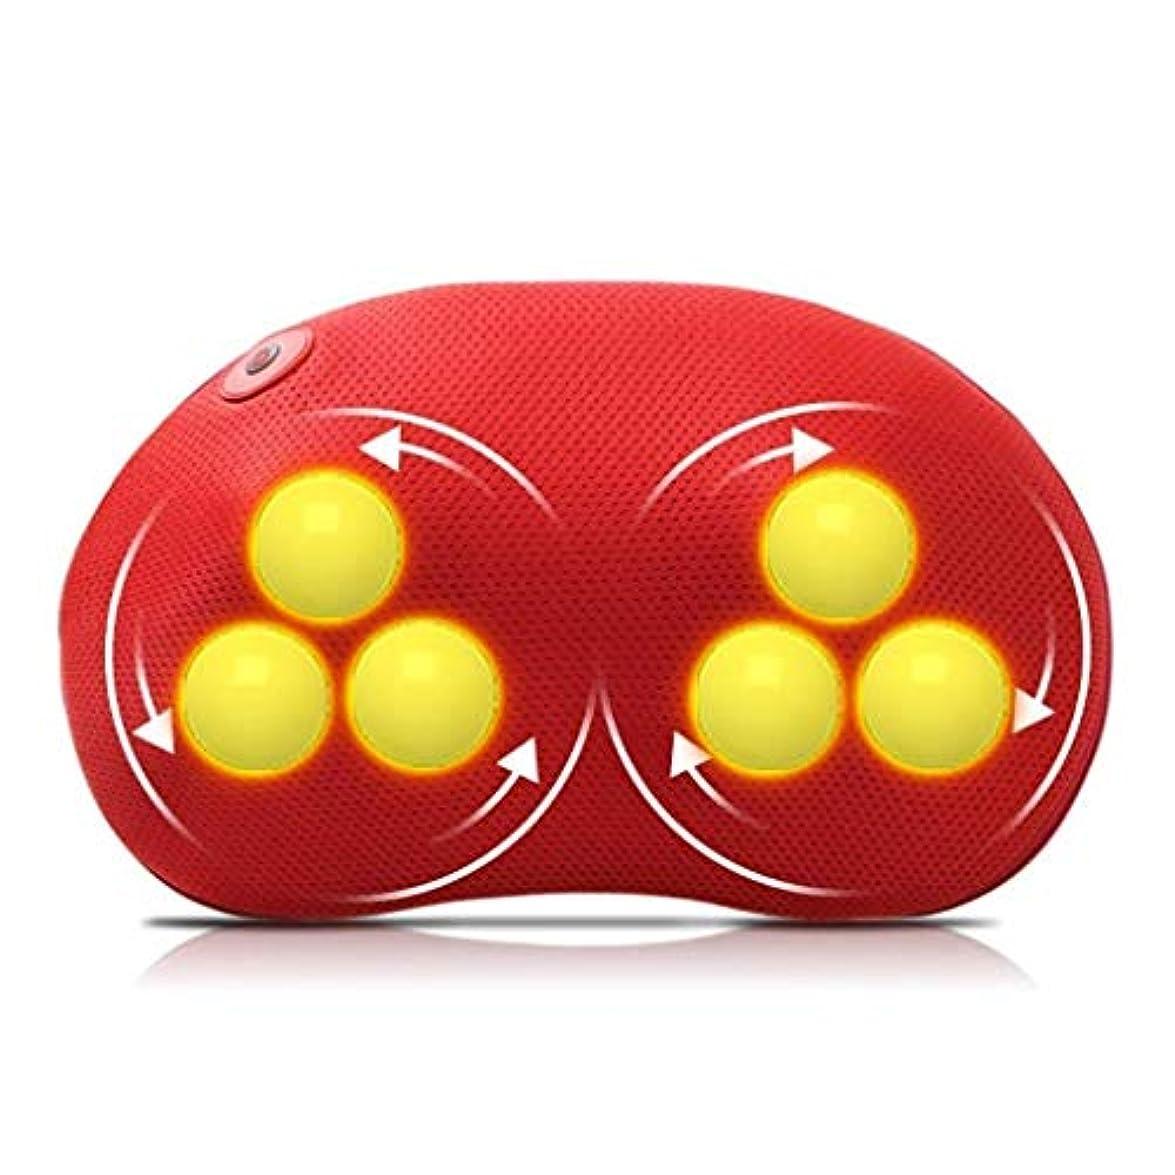 宣伝ベジタリアン恐怖マッサージ枕、首と背中の3Dマッサージ、熱、深練り、首と背中、肩のリラクゼーション筋肉、ホームオフィスでの使用 (Color : 赤)